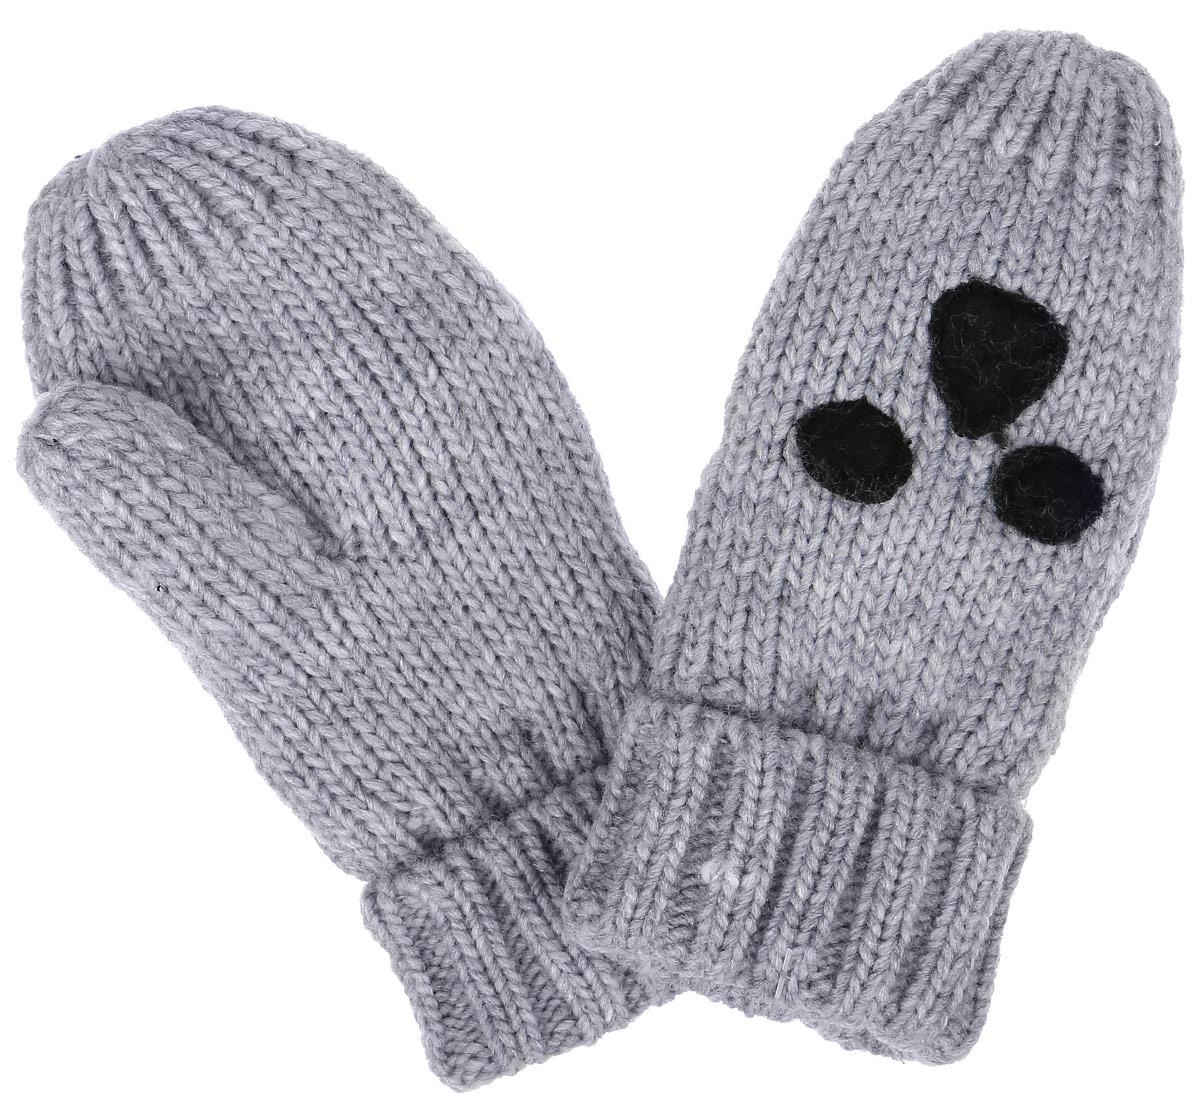 Варежки детскиеGL-743/052AO-6303Вязаные варежки для мальчика Sela идеально подойдут для прогулок в прохладную погоду. Изготовленные из акрила и полиэстера, они максимально сохраняют тепло, мягкие и приятные на ощупь, идеально сидят на руке. Модель дополнена широкими эластичными манжетами, не стягивающими запястья и надежно фиксирующими их на руках ребенка. Изделие украшено аппликацией. В таких варежках ваш ребенок будет чувствовать себя тепло, уютно и комфортно.